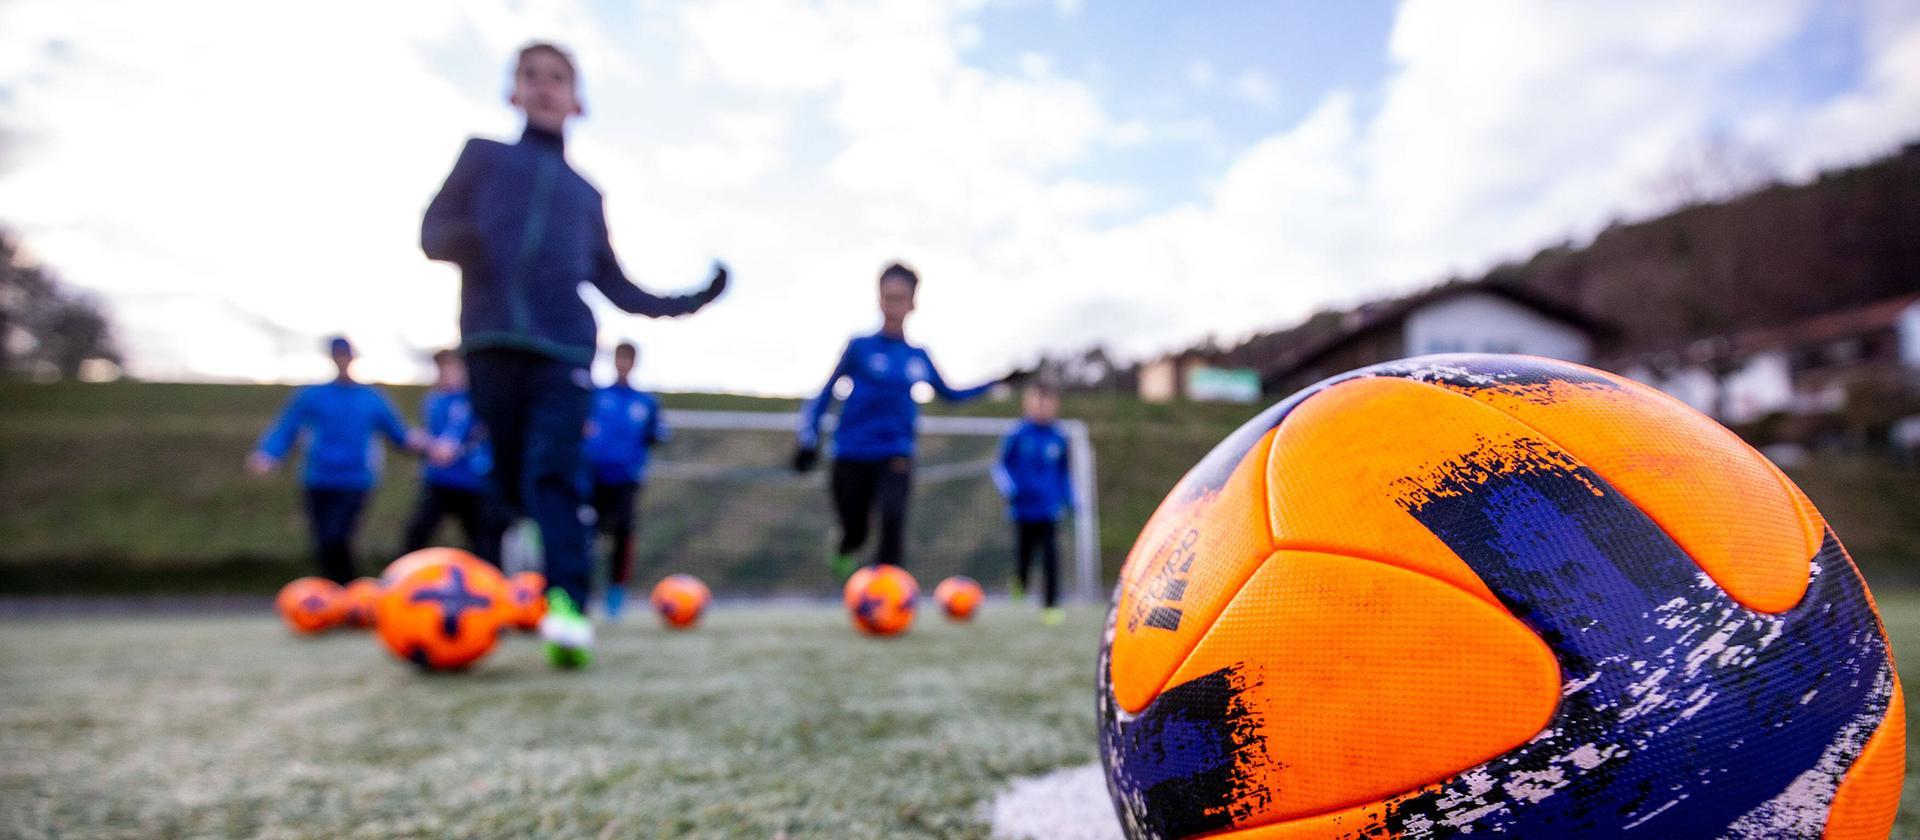 Fussball De Hessen Ergebnisse